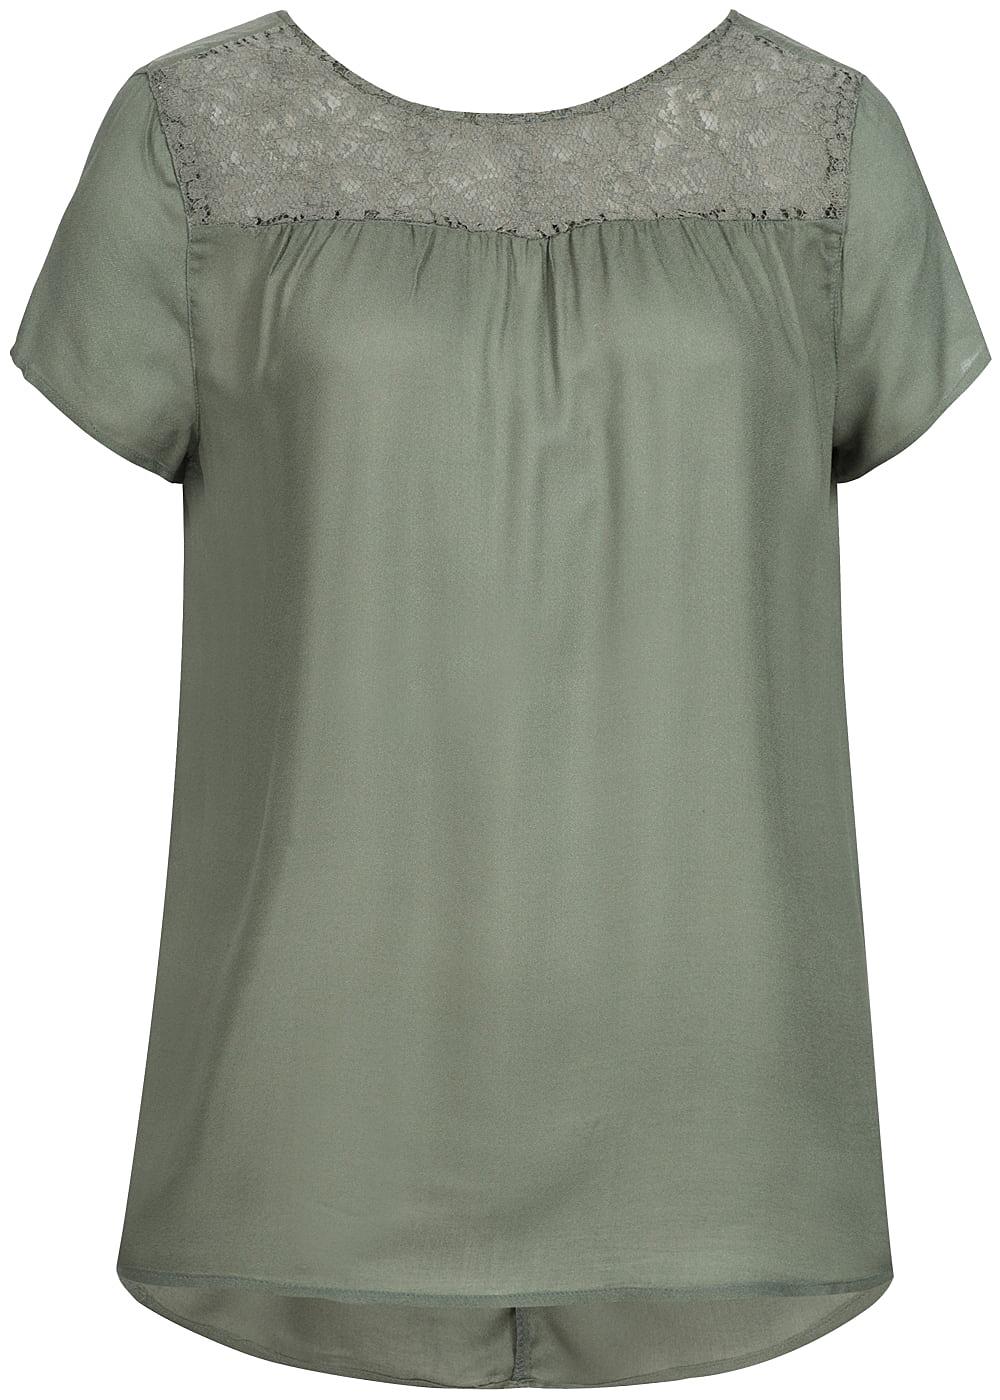 only damen blusen top spitze oben agave gr n 77onlineshop. Black Bedroom Furniture Sets. Home Design Ideas